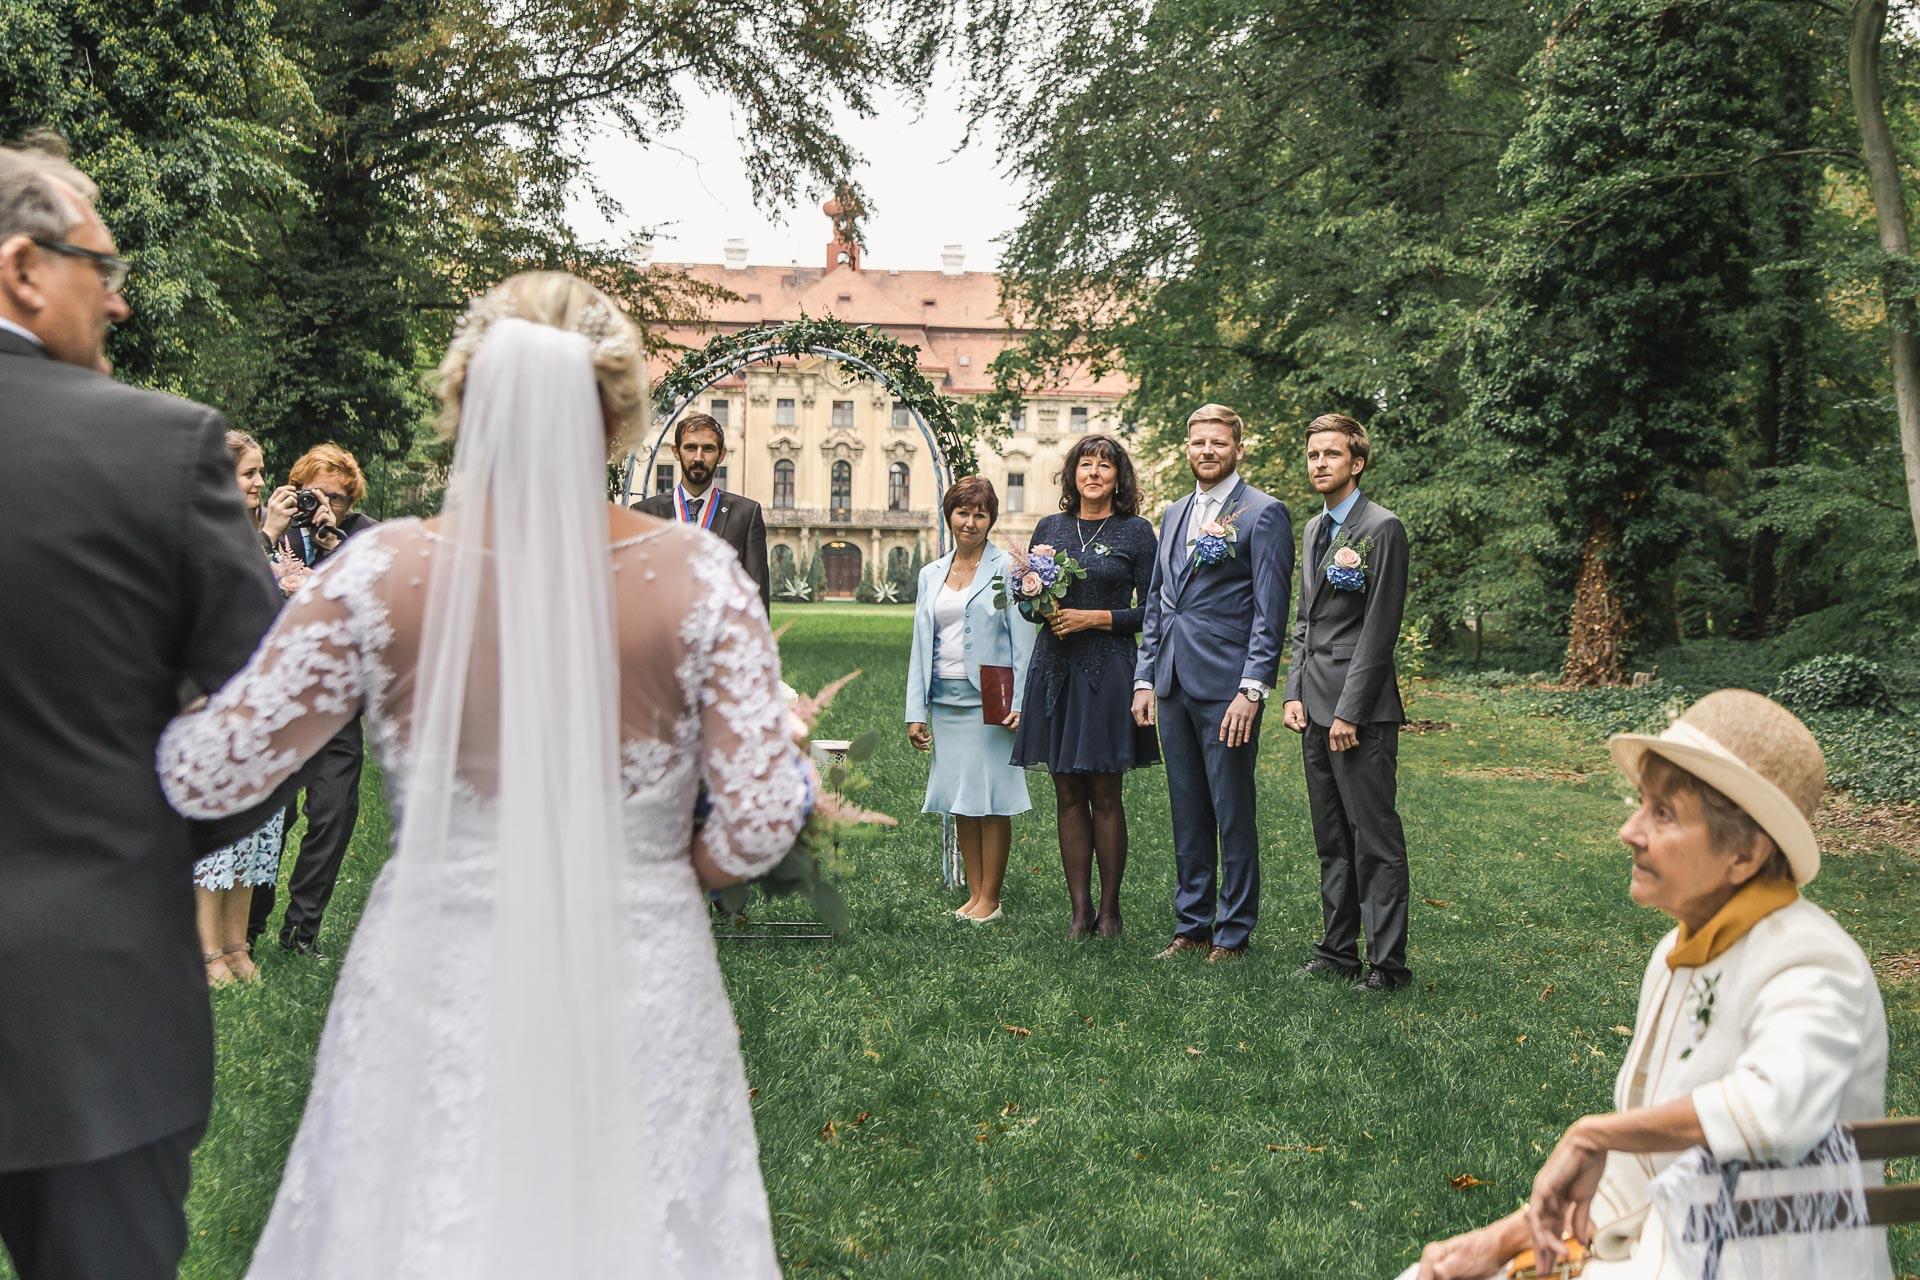 Svatební-fotograf-zámecký-park-Měšice-Svatba-Měšice-u-Prahy-7097